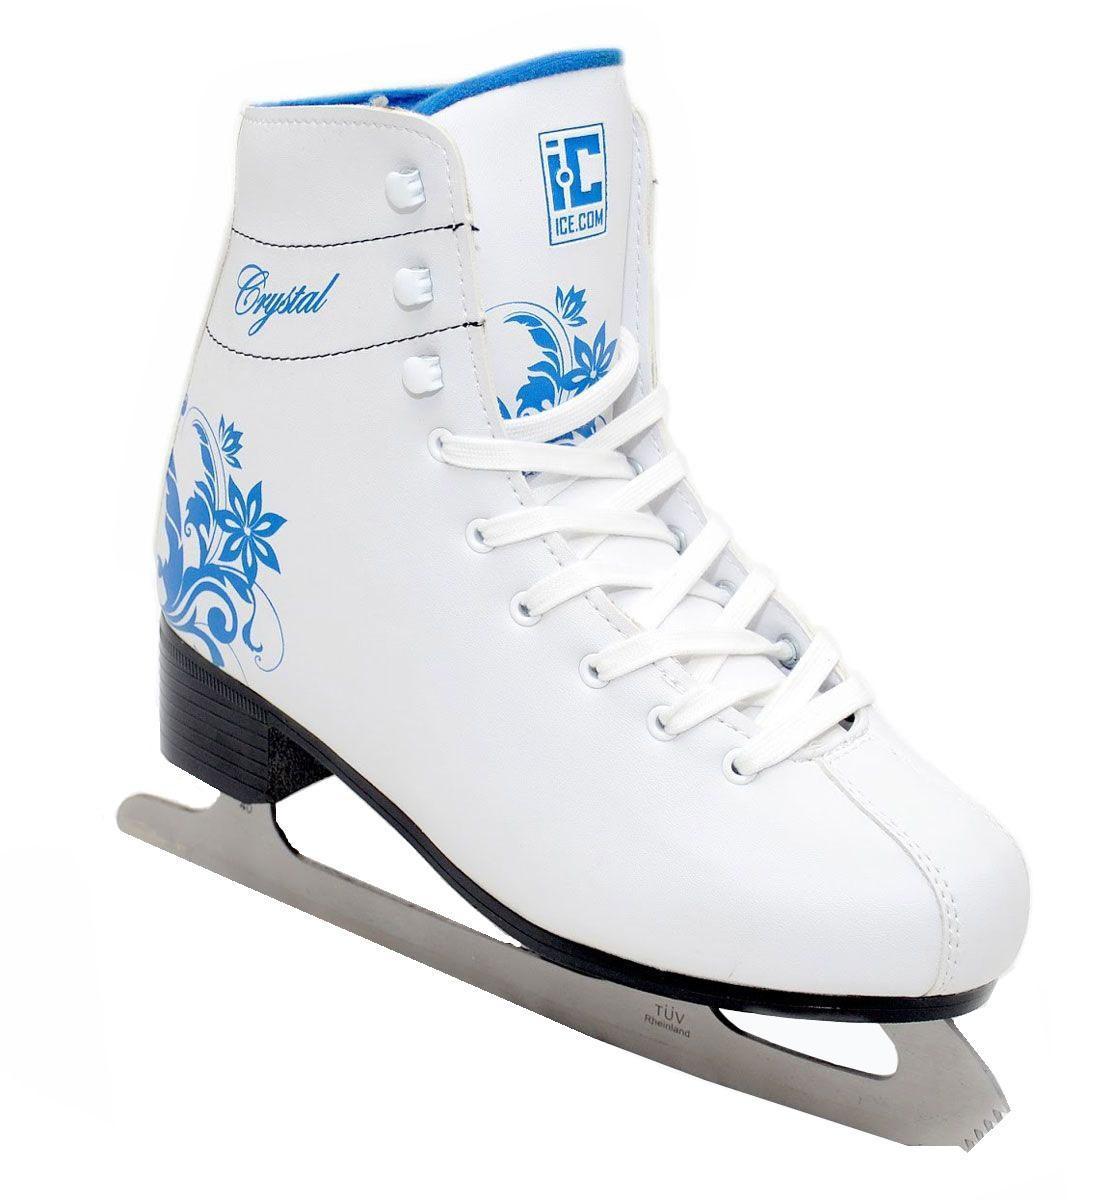 Коньки фигурные женские Ice.Com Crystal 2014-2015, цвет: синий, белый. Размер 39Crystal 2014-2015Коньки фигурные женские Ice.Com Crystal 2014-2015 с высоким классическим ботинком идеально подойдут для начинающих. Конструкция ботинка разработана специально с учетом того, что нога при катании должна находиться в полусогнутом состоянии, а голень имеет небольшой наклон вперед. Верх ботинка выполнен из морозостойкой искусственной кожи, подошва - морозостойкий ПВХ. Стальное никелированное высокопрочное лезвие сертифицировано TUV. Для того, чтобы вам максимально точно подобрать размер коньков, узнайте длину стопы с точностью до миллиметра. Для этого поставьте босую ногу на лист бумаги А4 и отметьте на бумаге самые крайние точки вашей стопы (пятка и носок). Затем измерьте обычной линейкой расстояние (до миллиметра) между этими отметками на бумаге. Не забудьте учесть 2-3 мм запаса под носок.